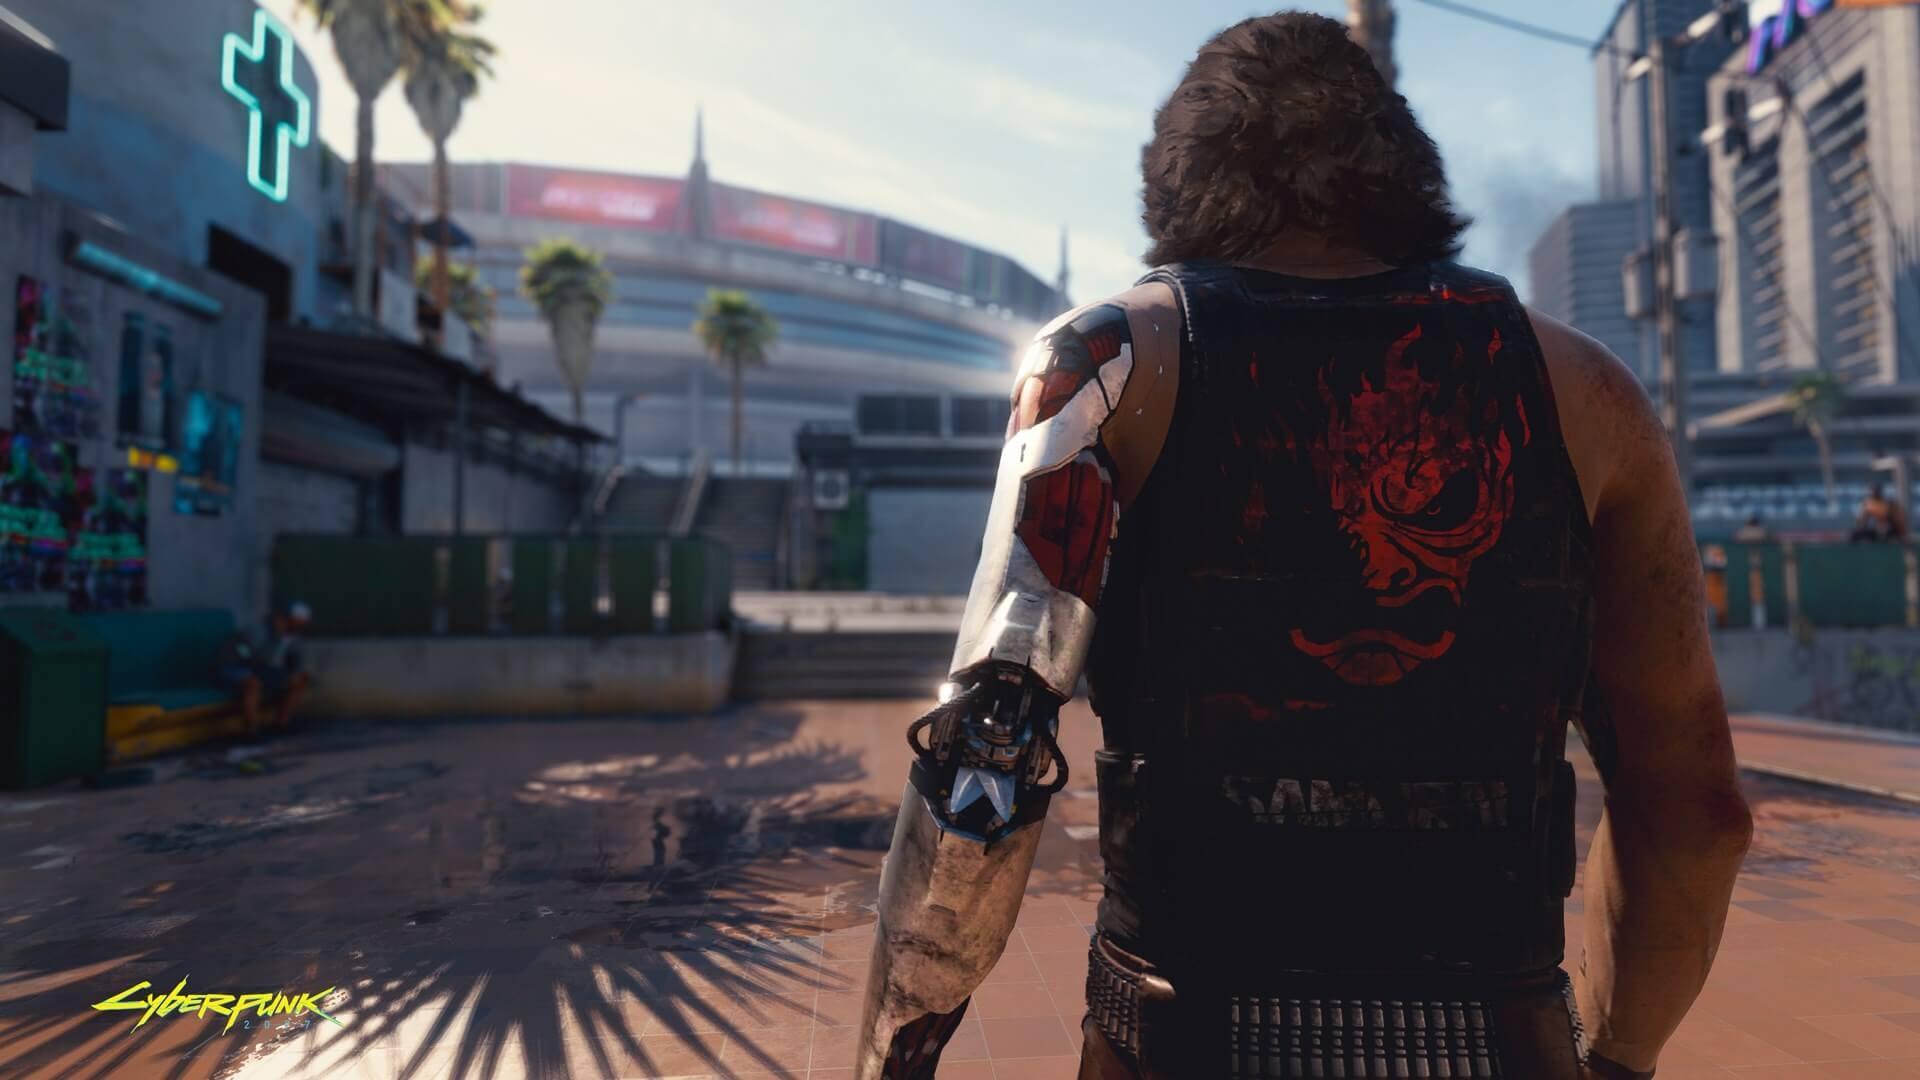 Киану Ривз подарил разработчикам Cyberpunk 2077 гитару с подписью